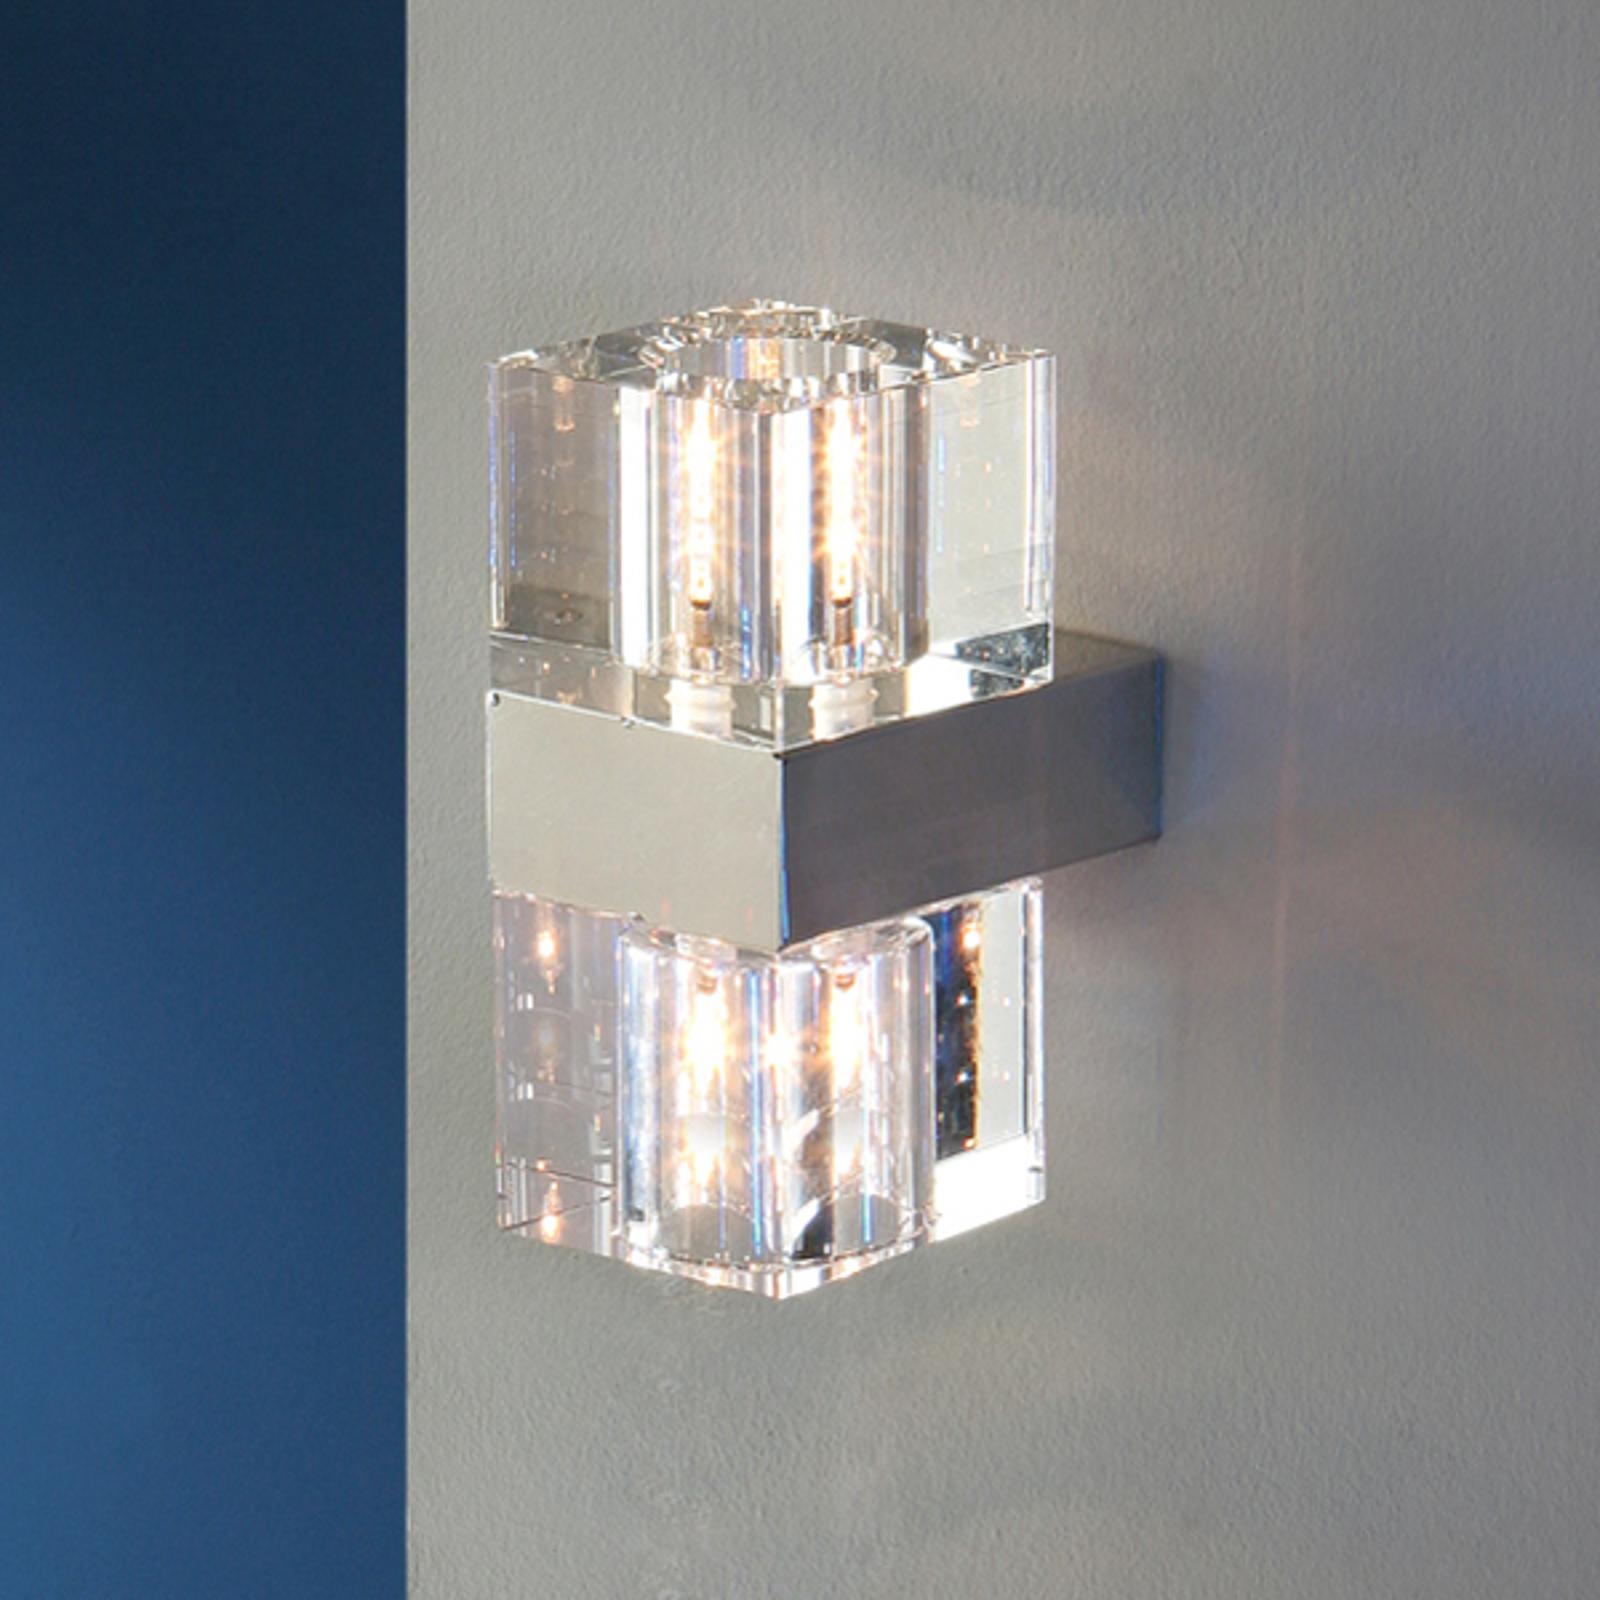 Cubic - petite applique en verre transparent